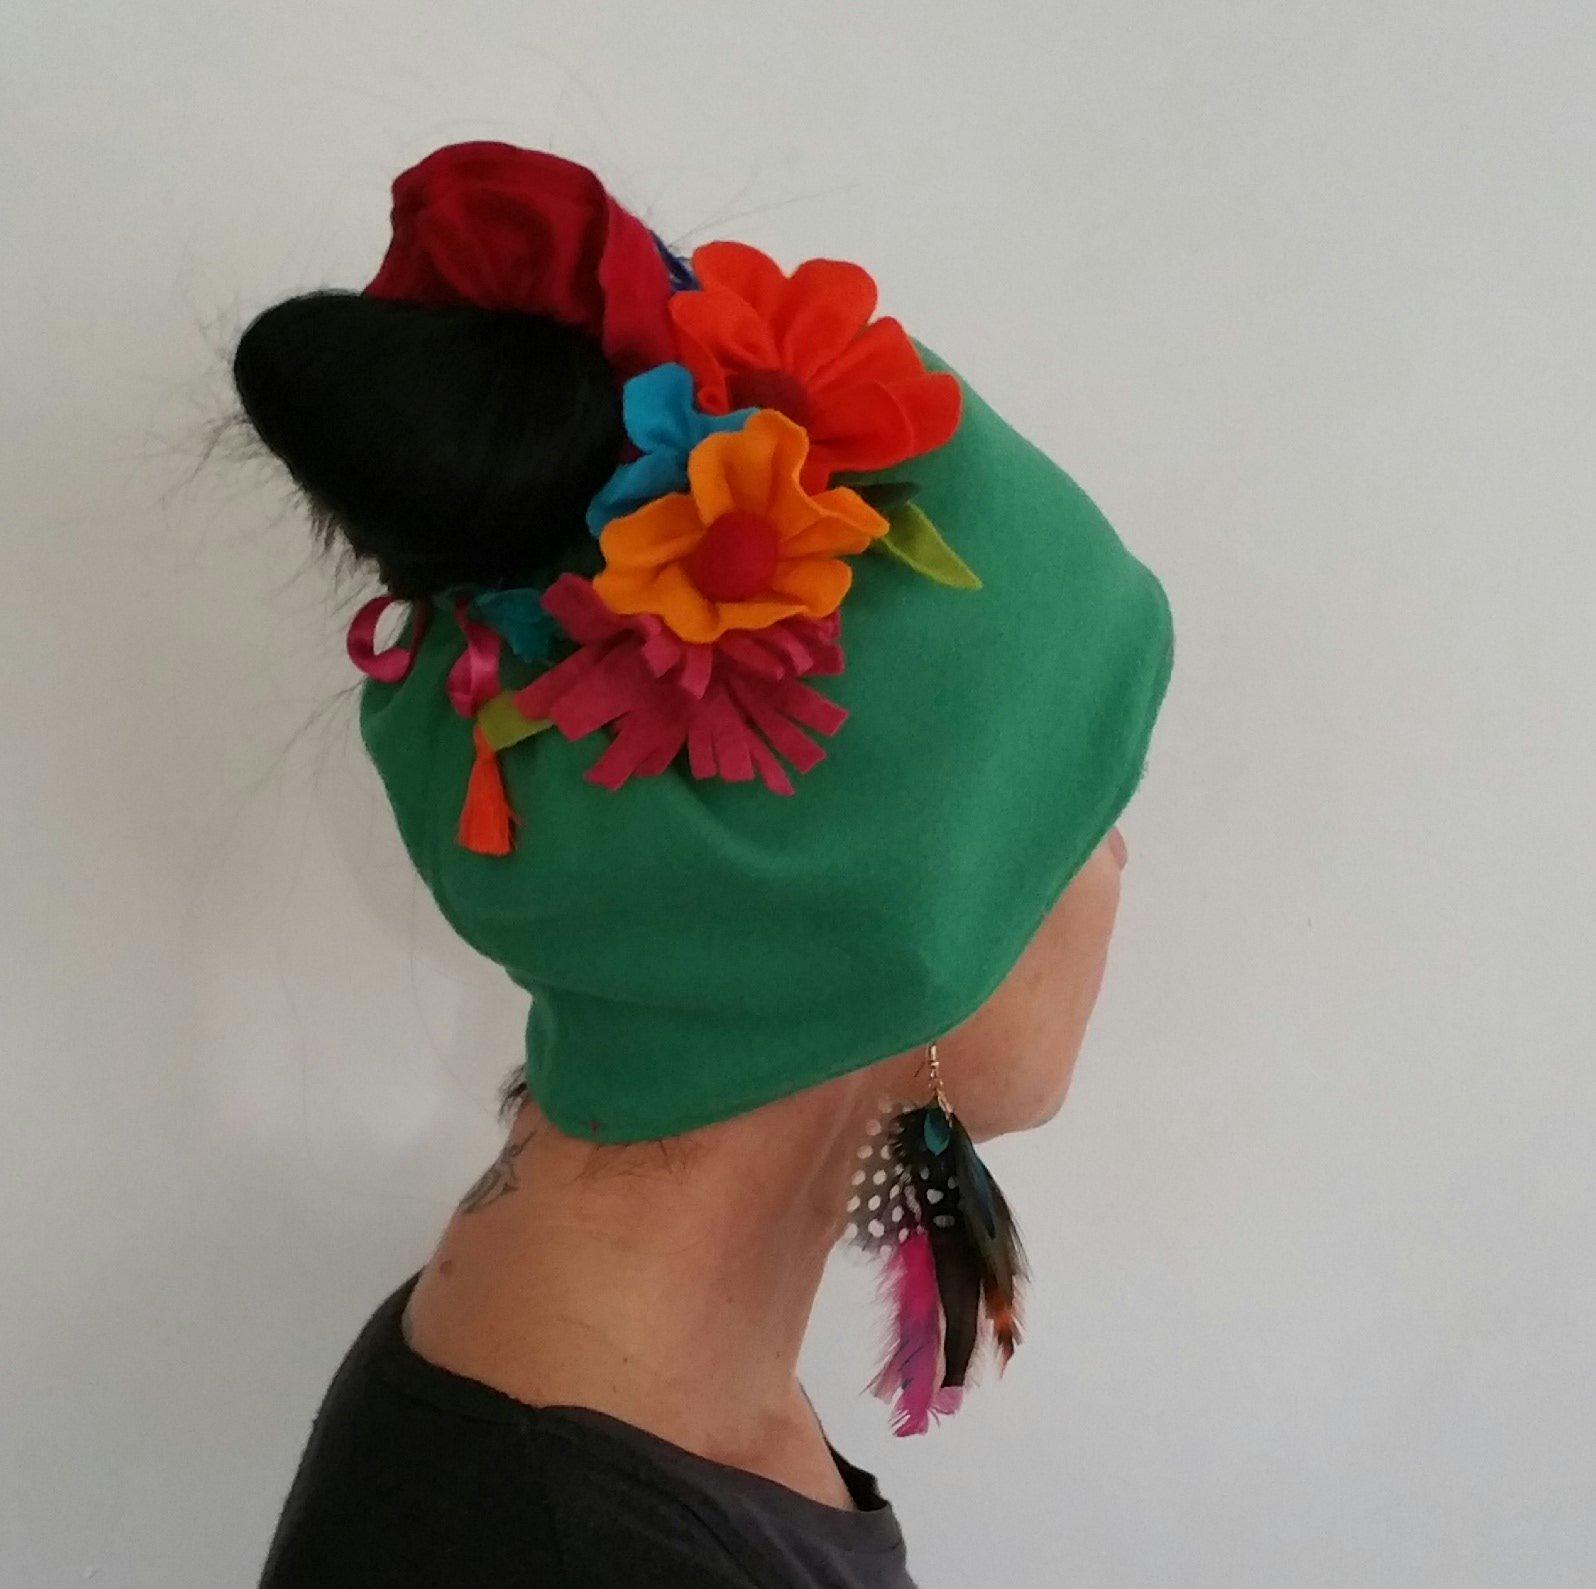 Chapaeau fleur.jpg6